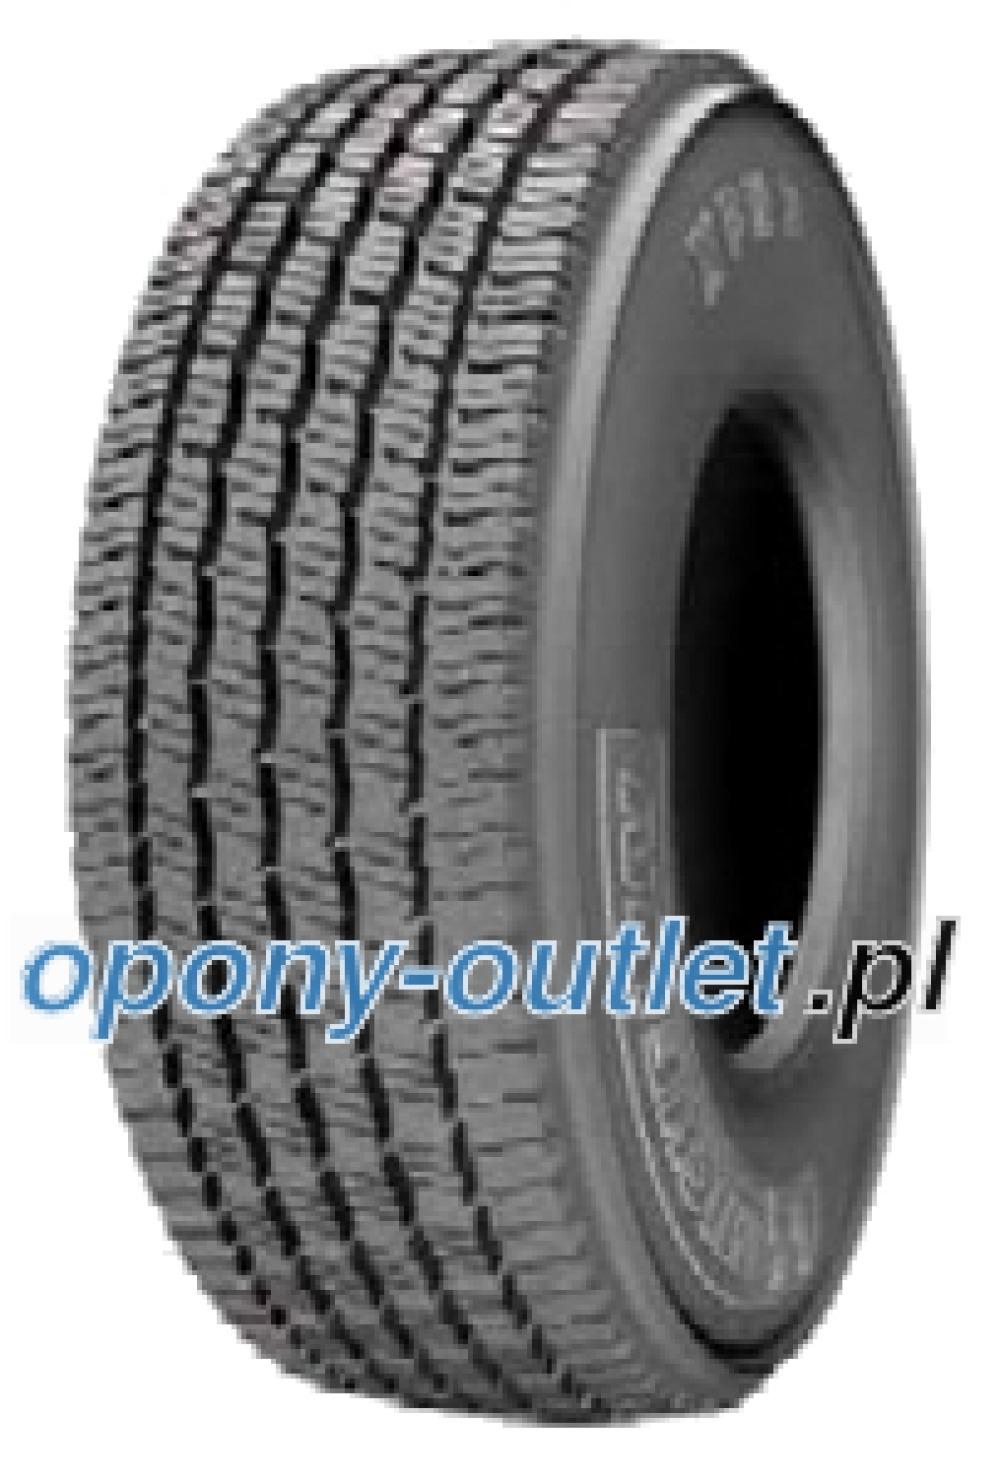 Michelin XFN 2 Antisplash ( 385/55 R22.5 160K podwójnie oznaczone 158L )